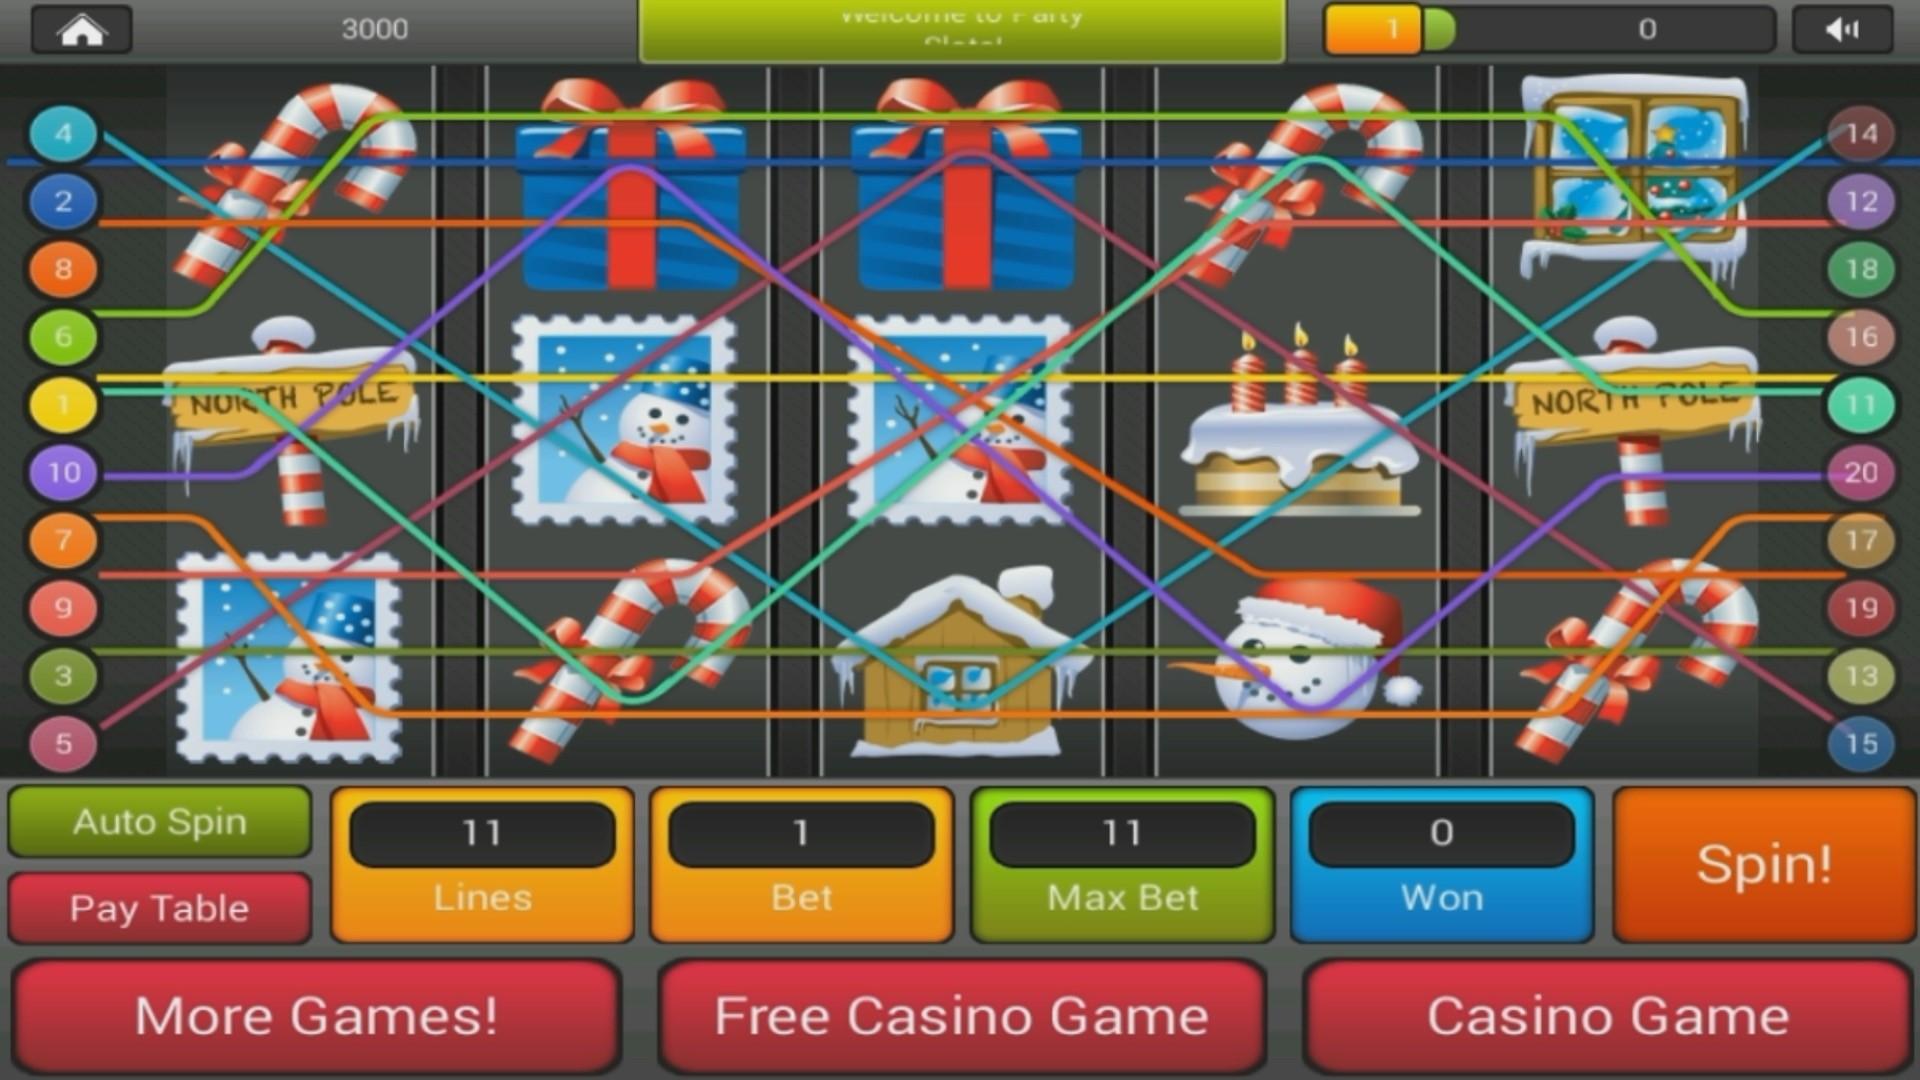 Juegos de azar y probabilidad ranking casino Argentina - 84867